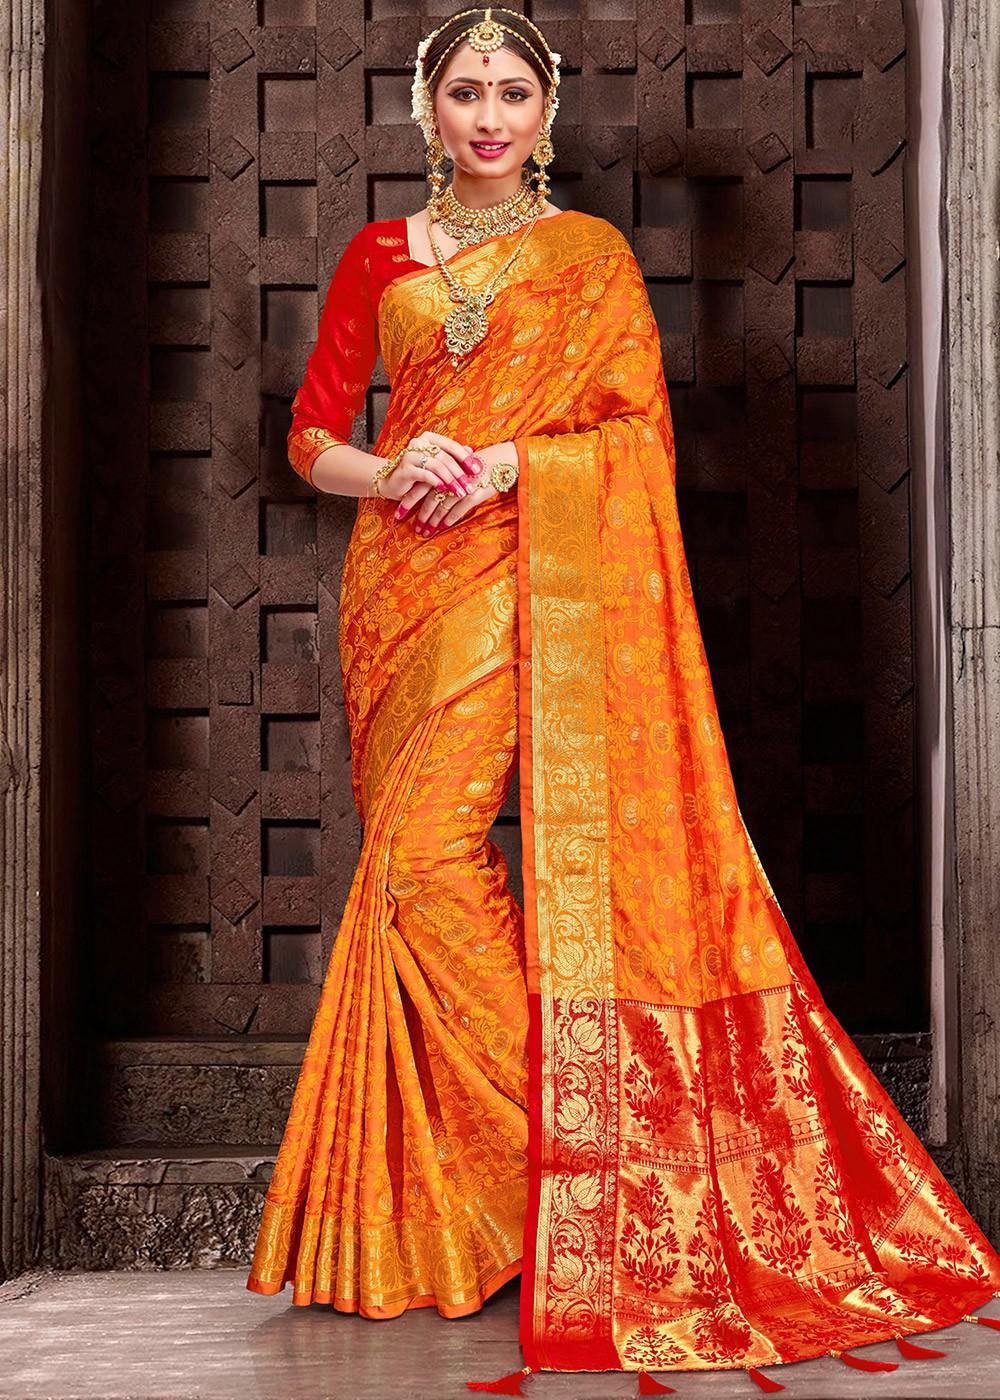 E757,E758,E759,E760 Details about  /Indian Woven Sari Patola Silk Saree For Women